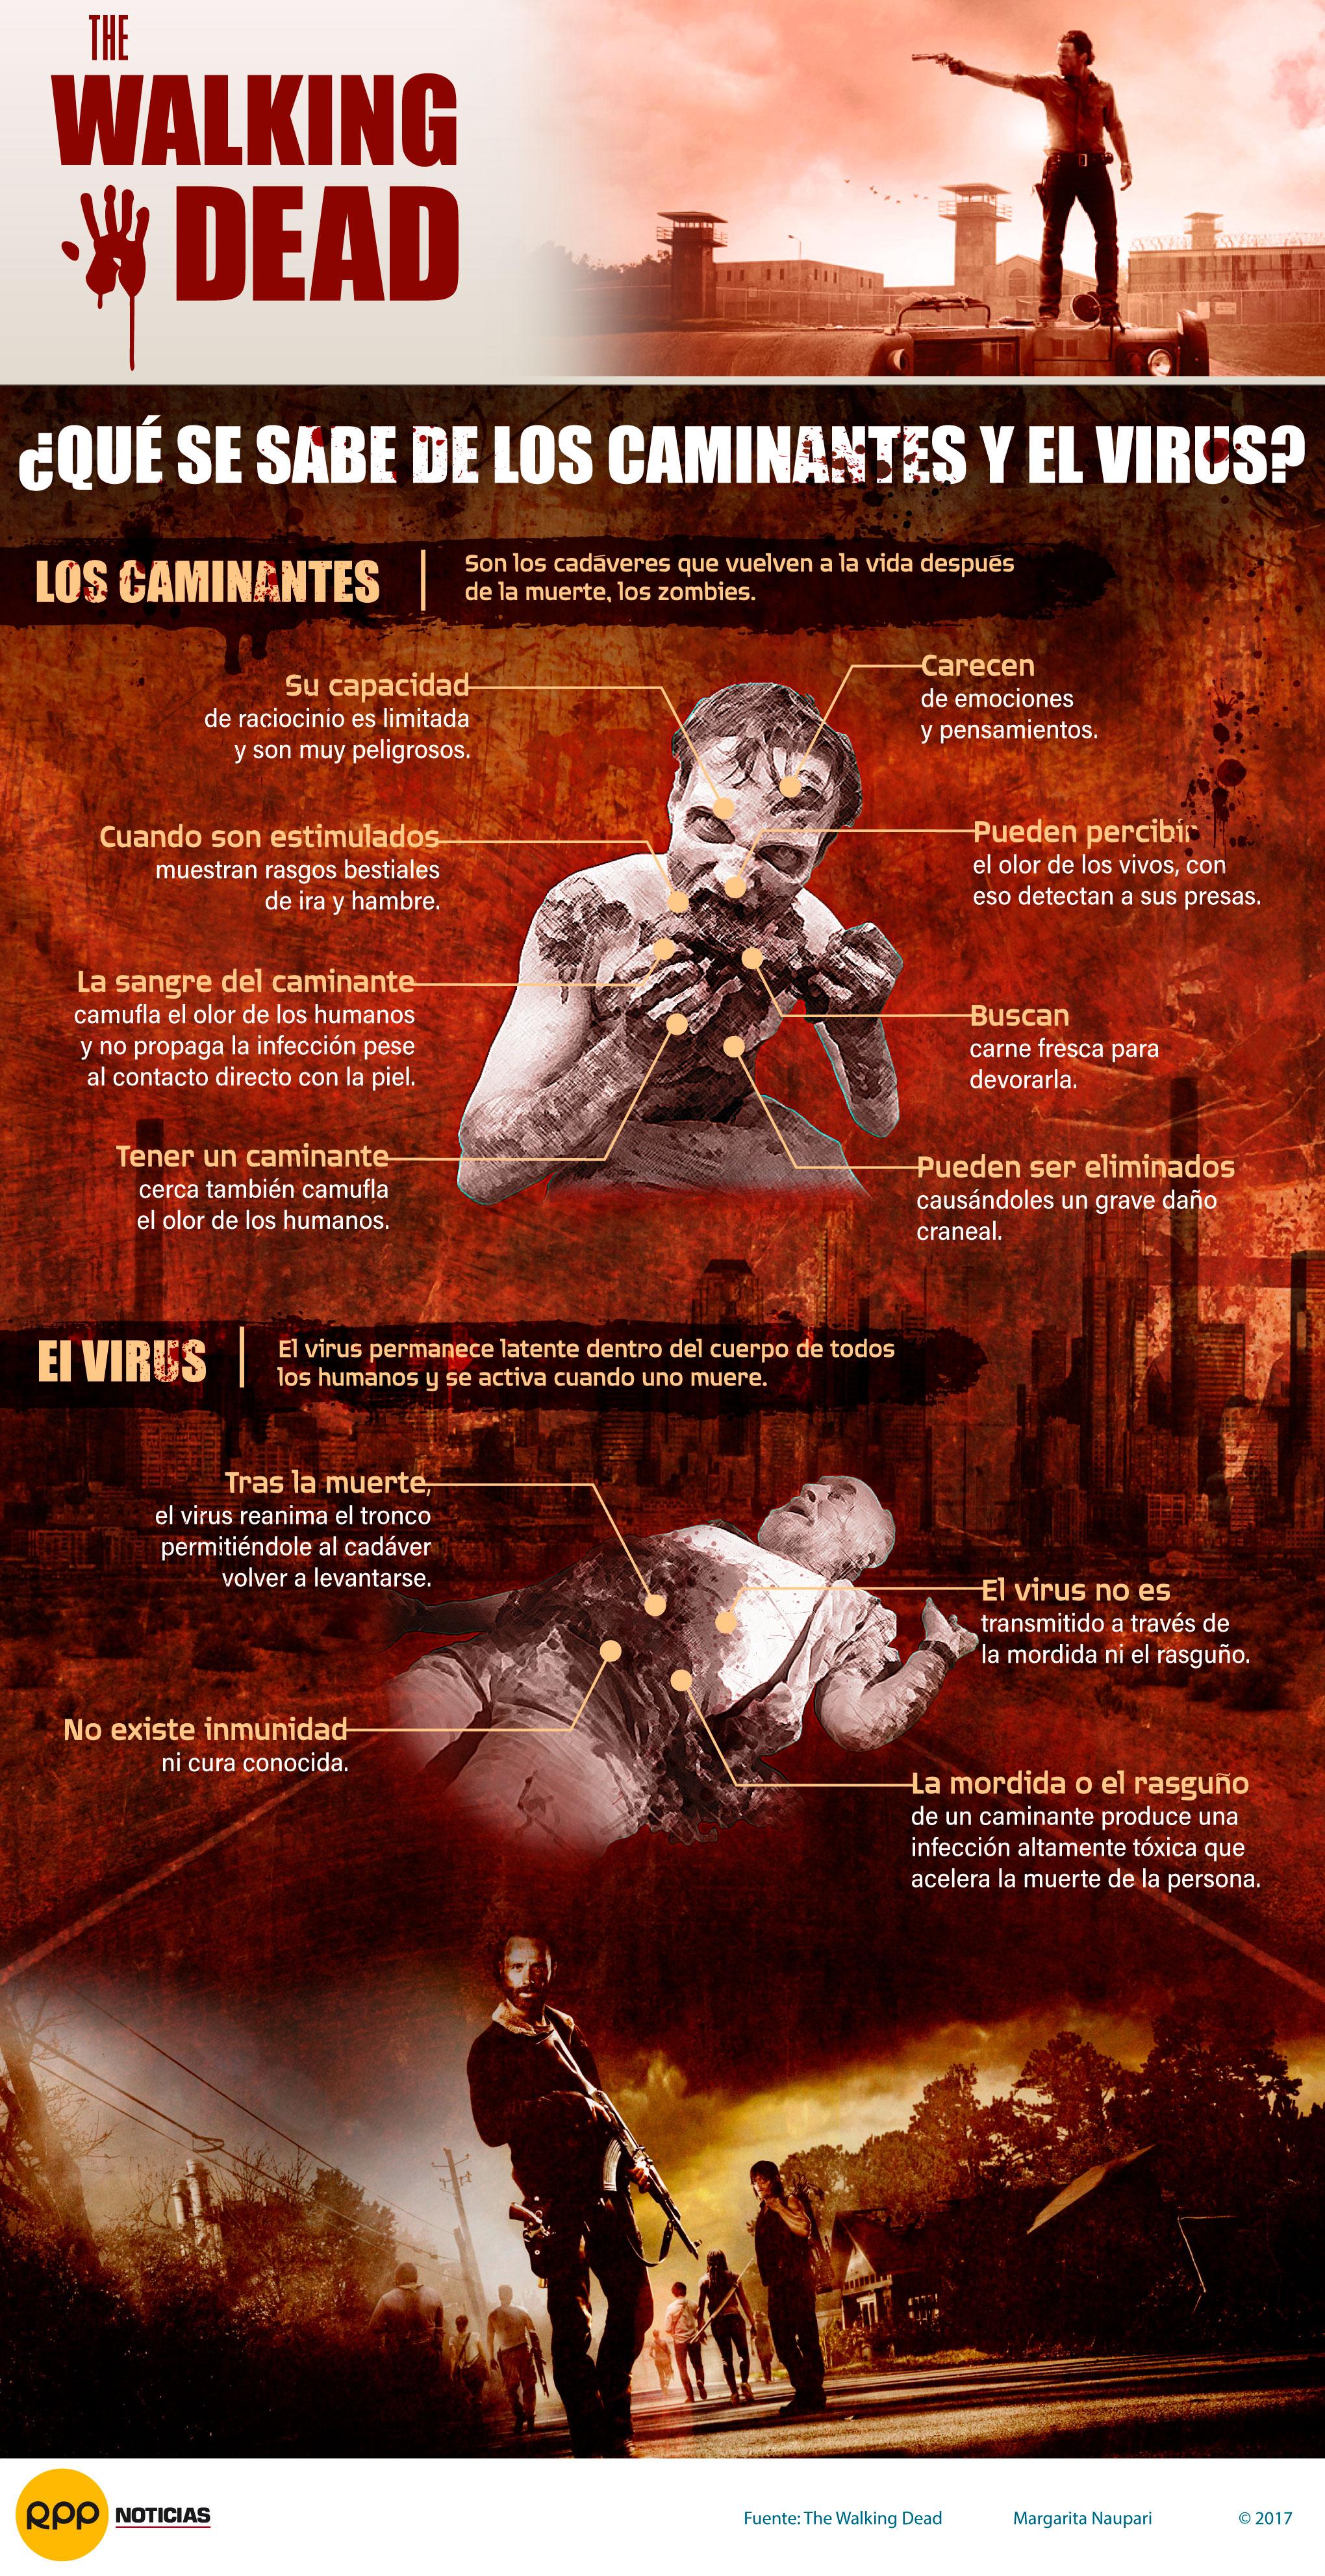 The Walking Dead: ¿cuál es el origen de los 'walkers'?